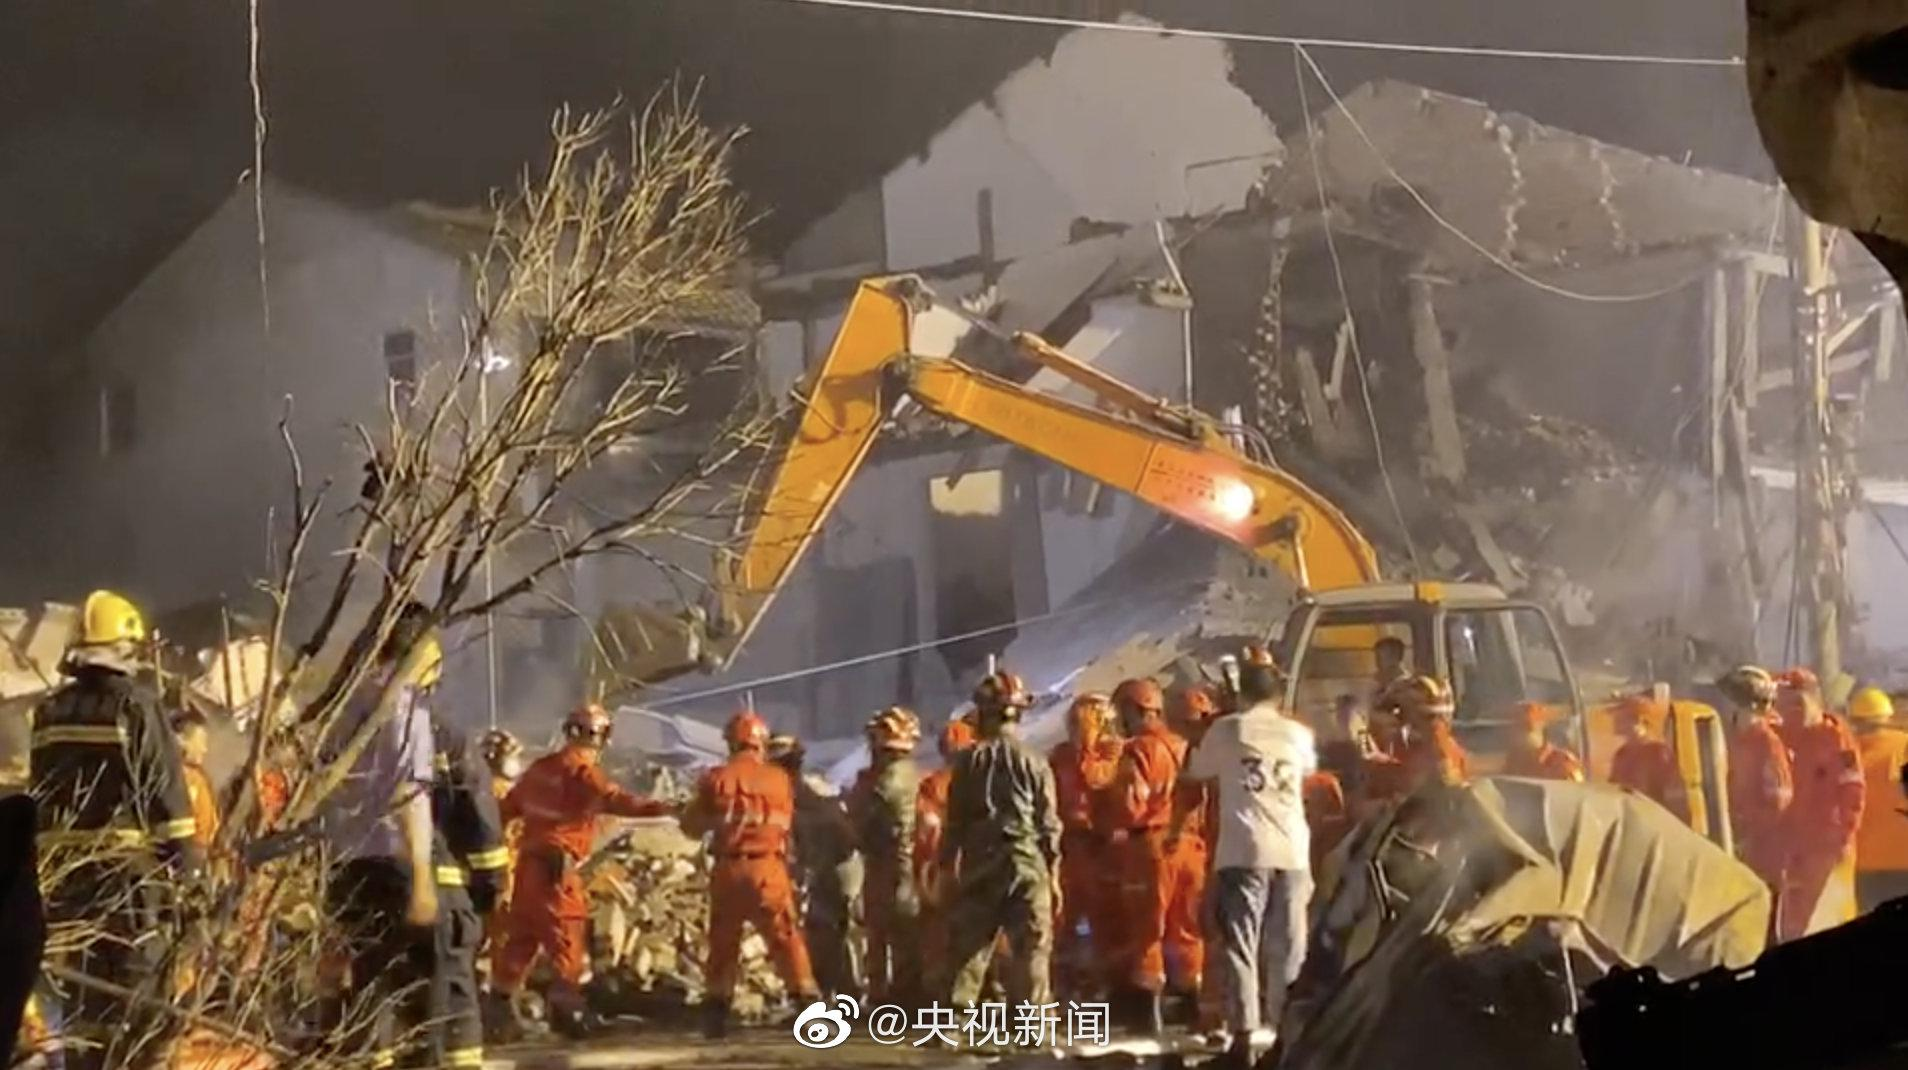 【高德注册】消防提醒高德注册请不要前往浙江图片